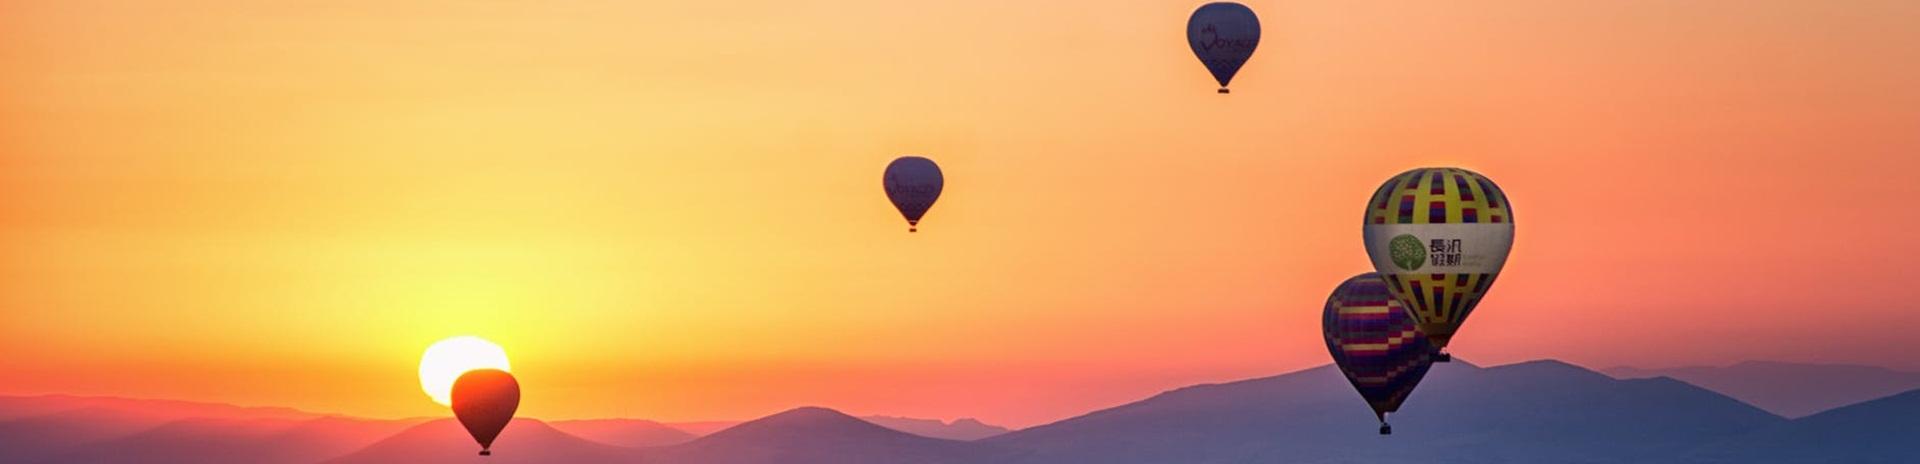 Фестиваль воздушных шаров слайдер